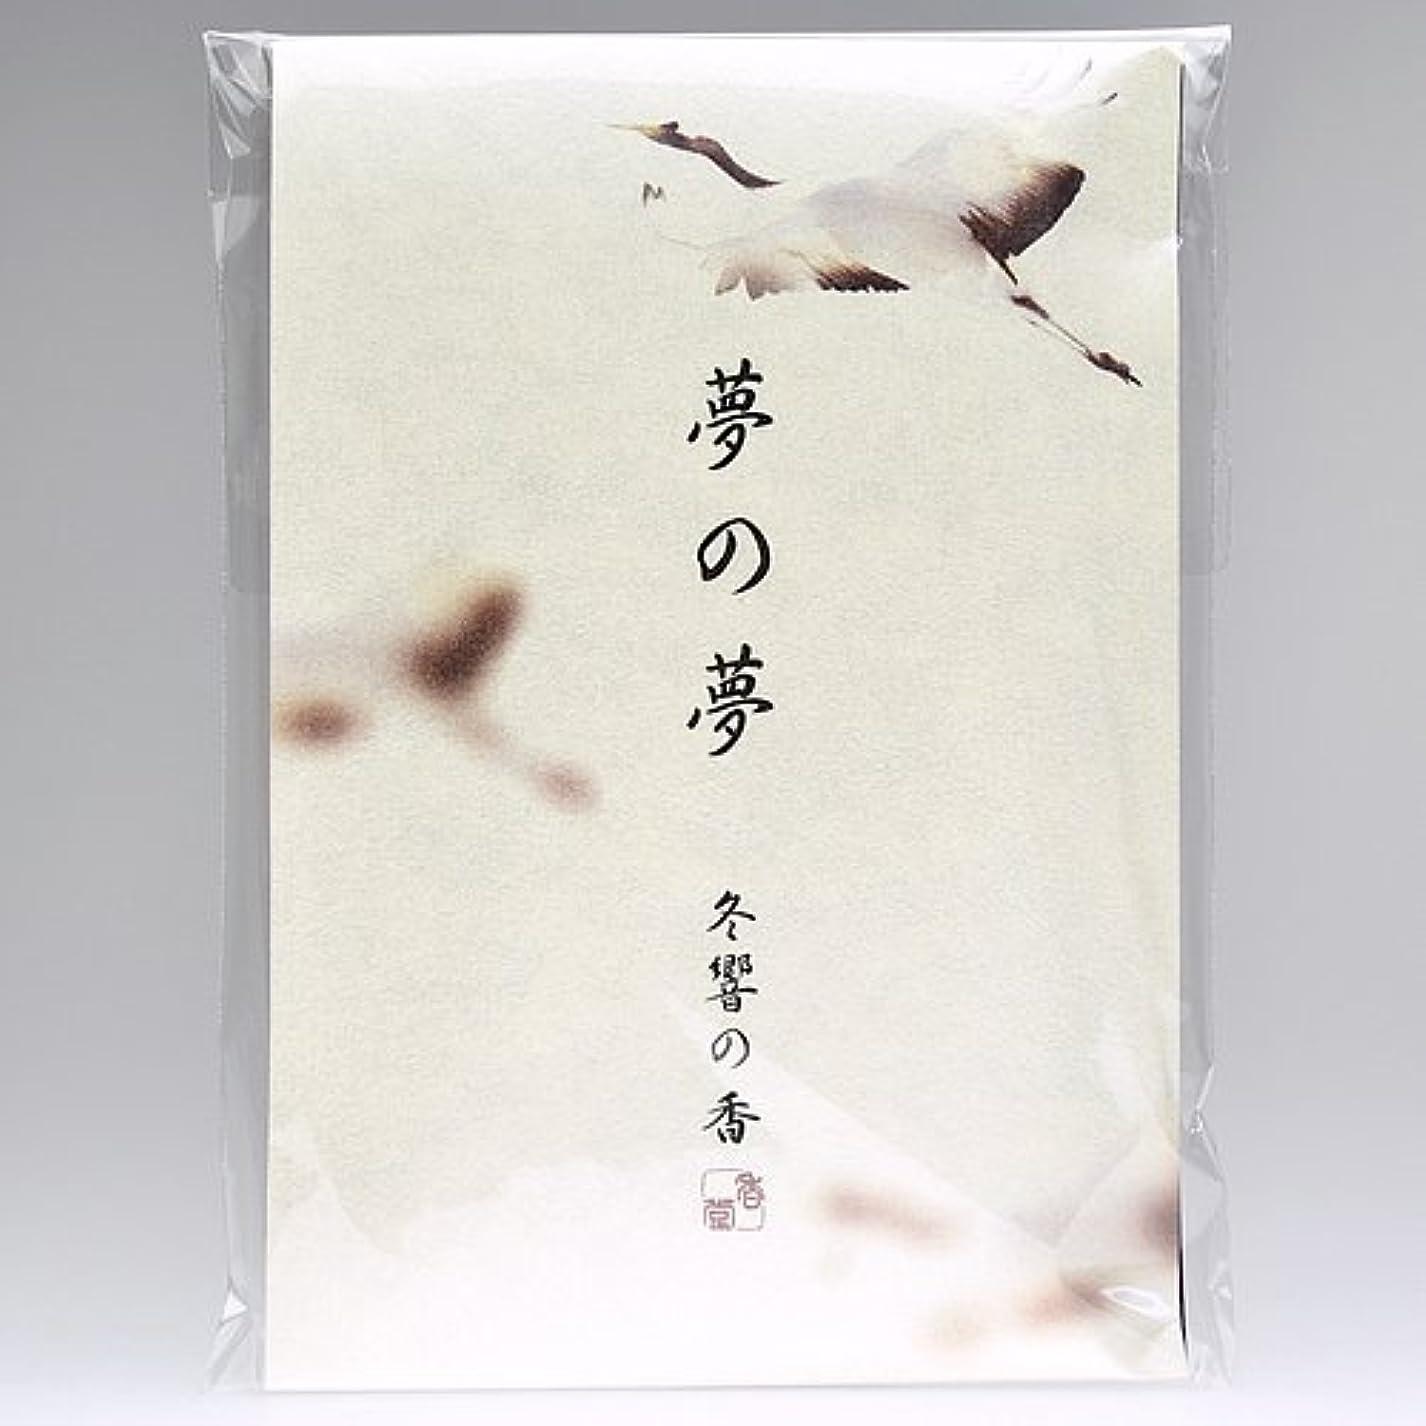 ロマンチック口修理工夢の夢 冬響の香 (鶴) スティック12本入